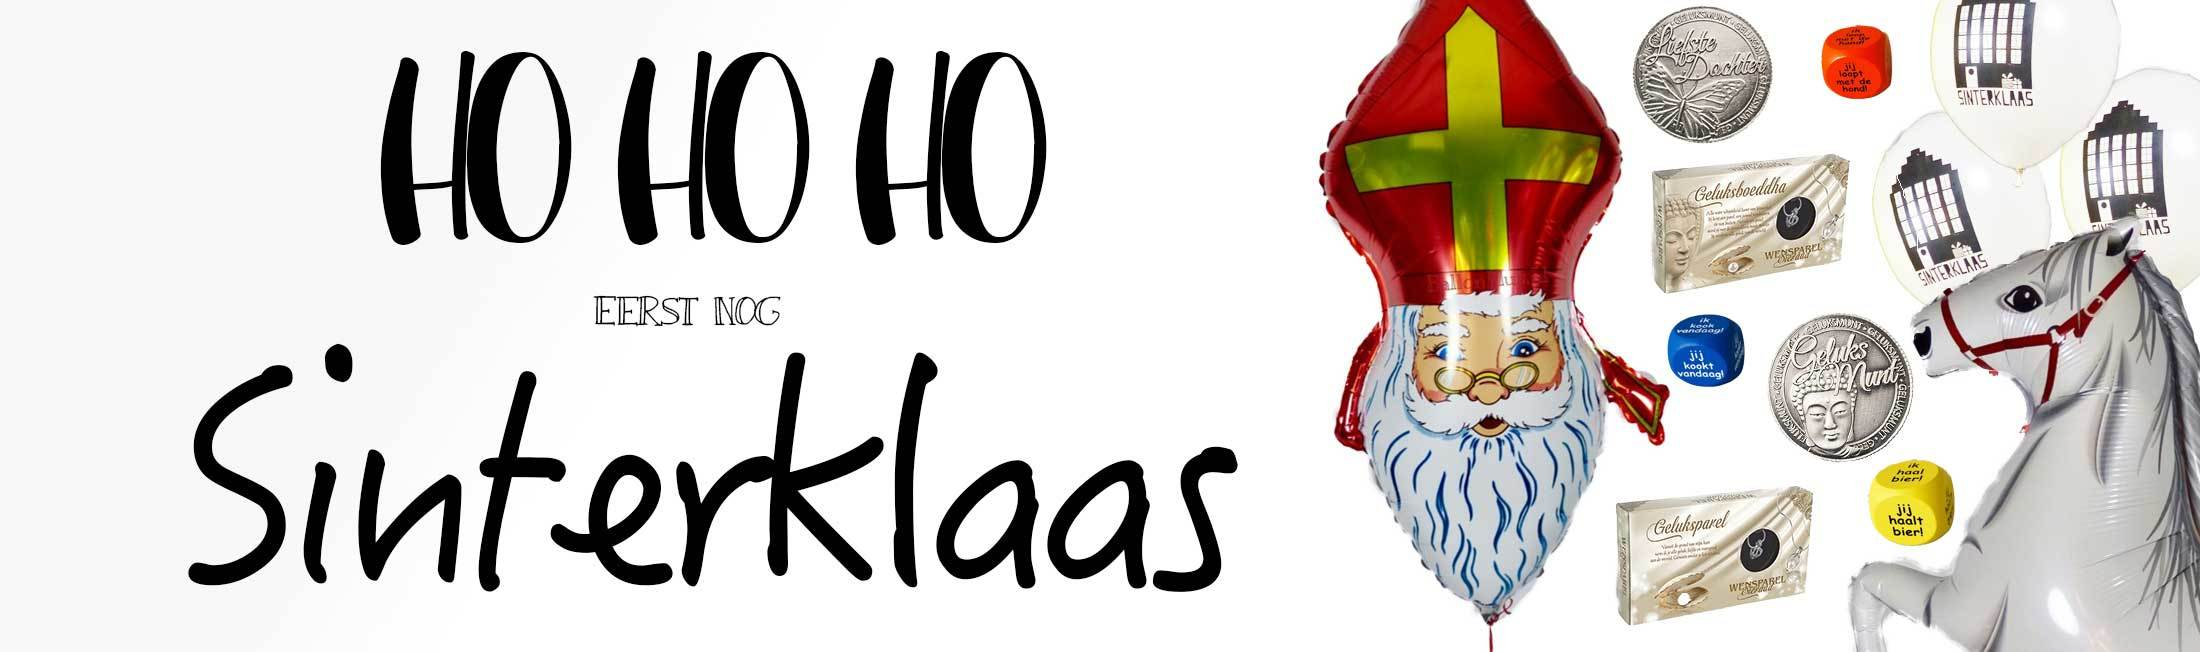 Sinterklaas Ballonplus